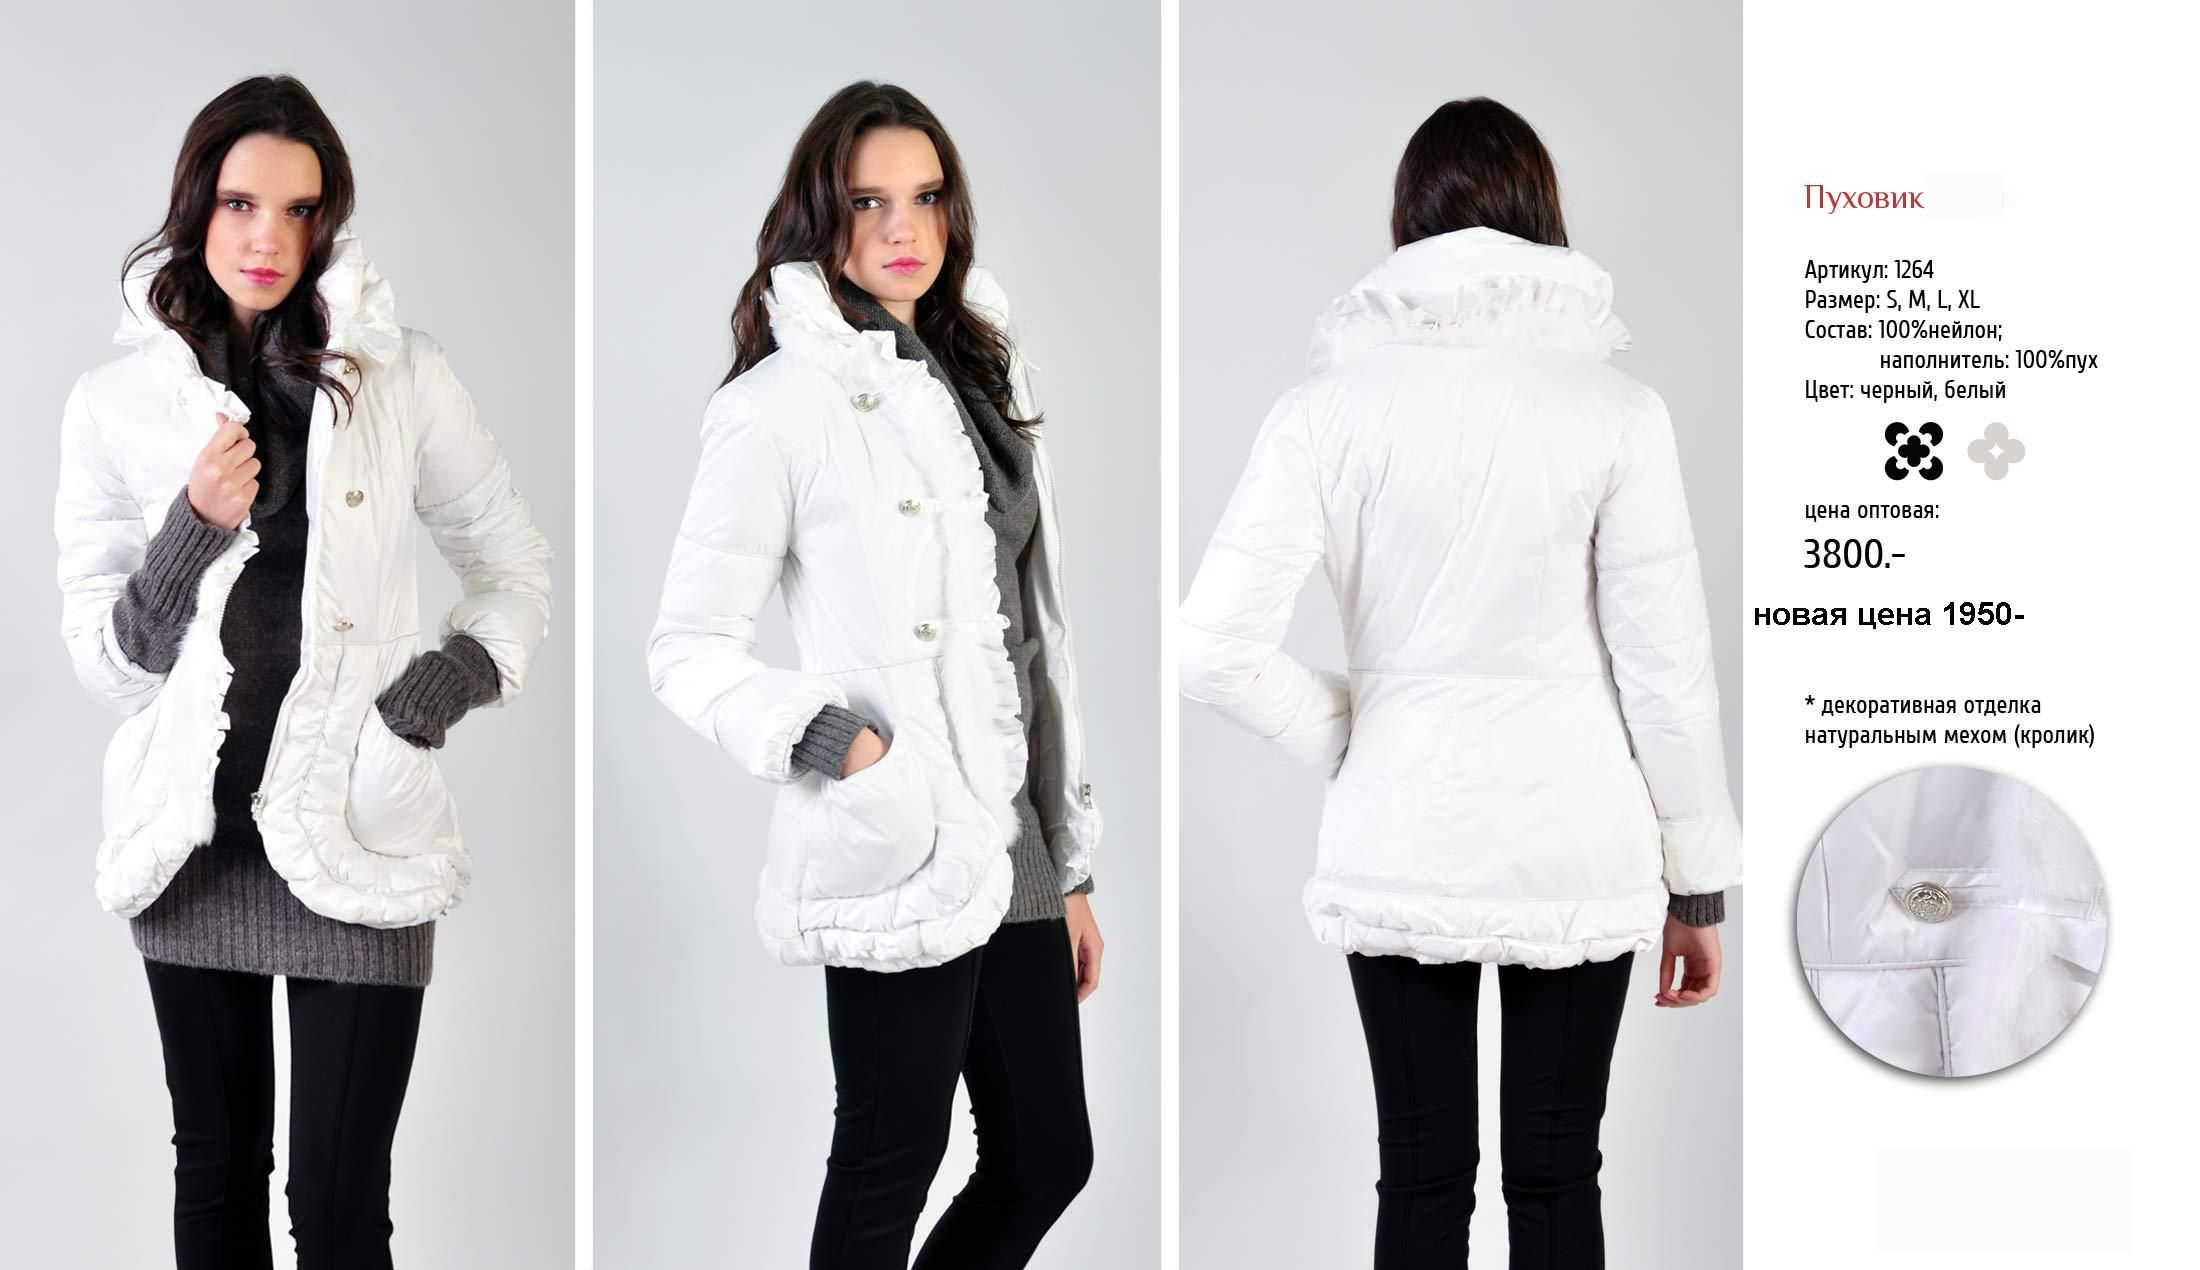 Сбор заказов. Стильная молодежная одежда SODA. Распродажа итальянских демисезонных курток, джемперов и платьев. Зимние